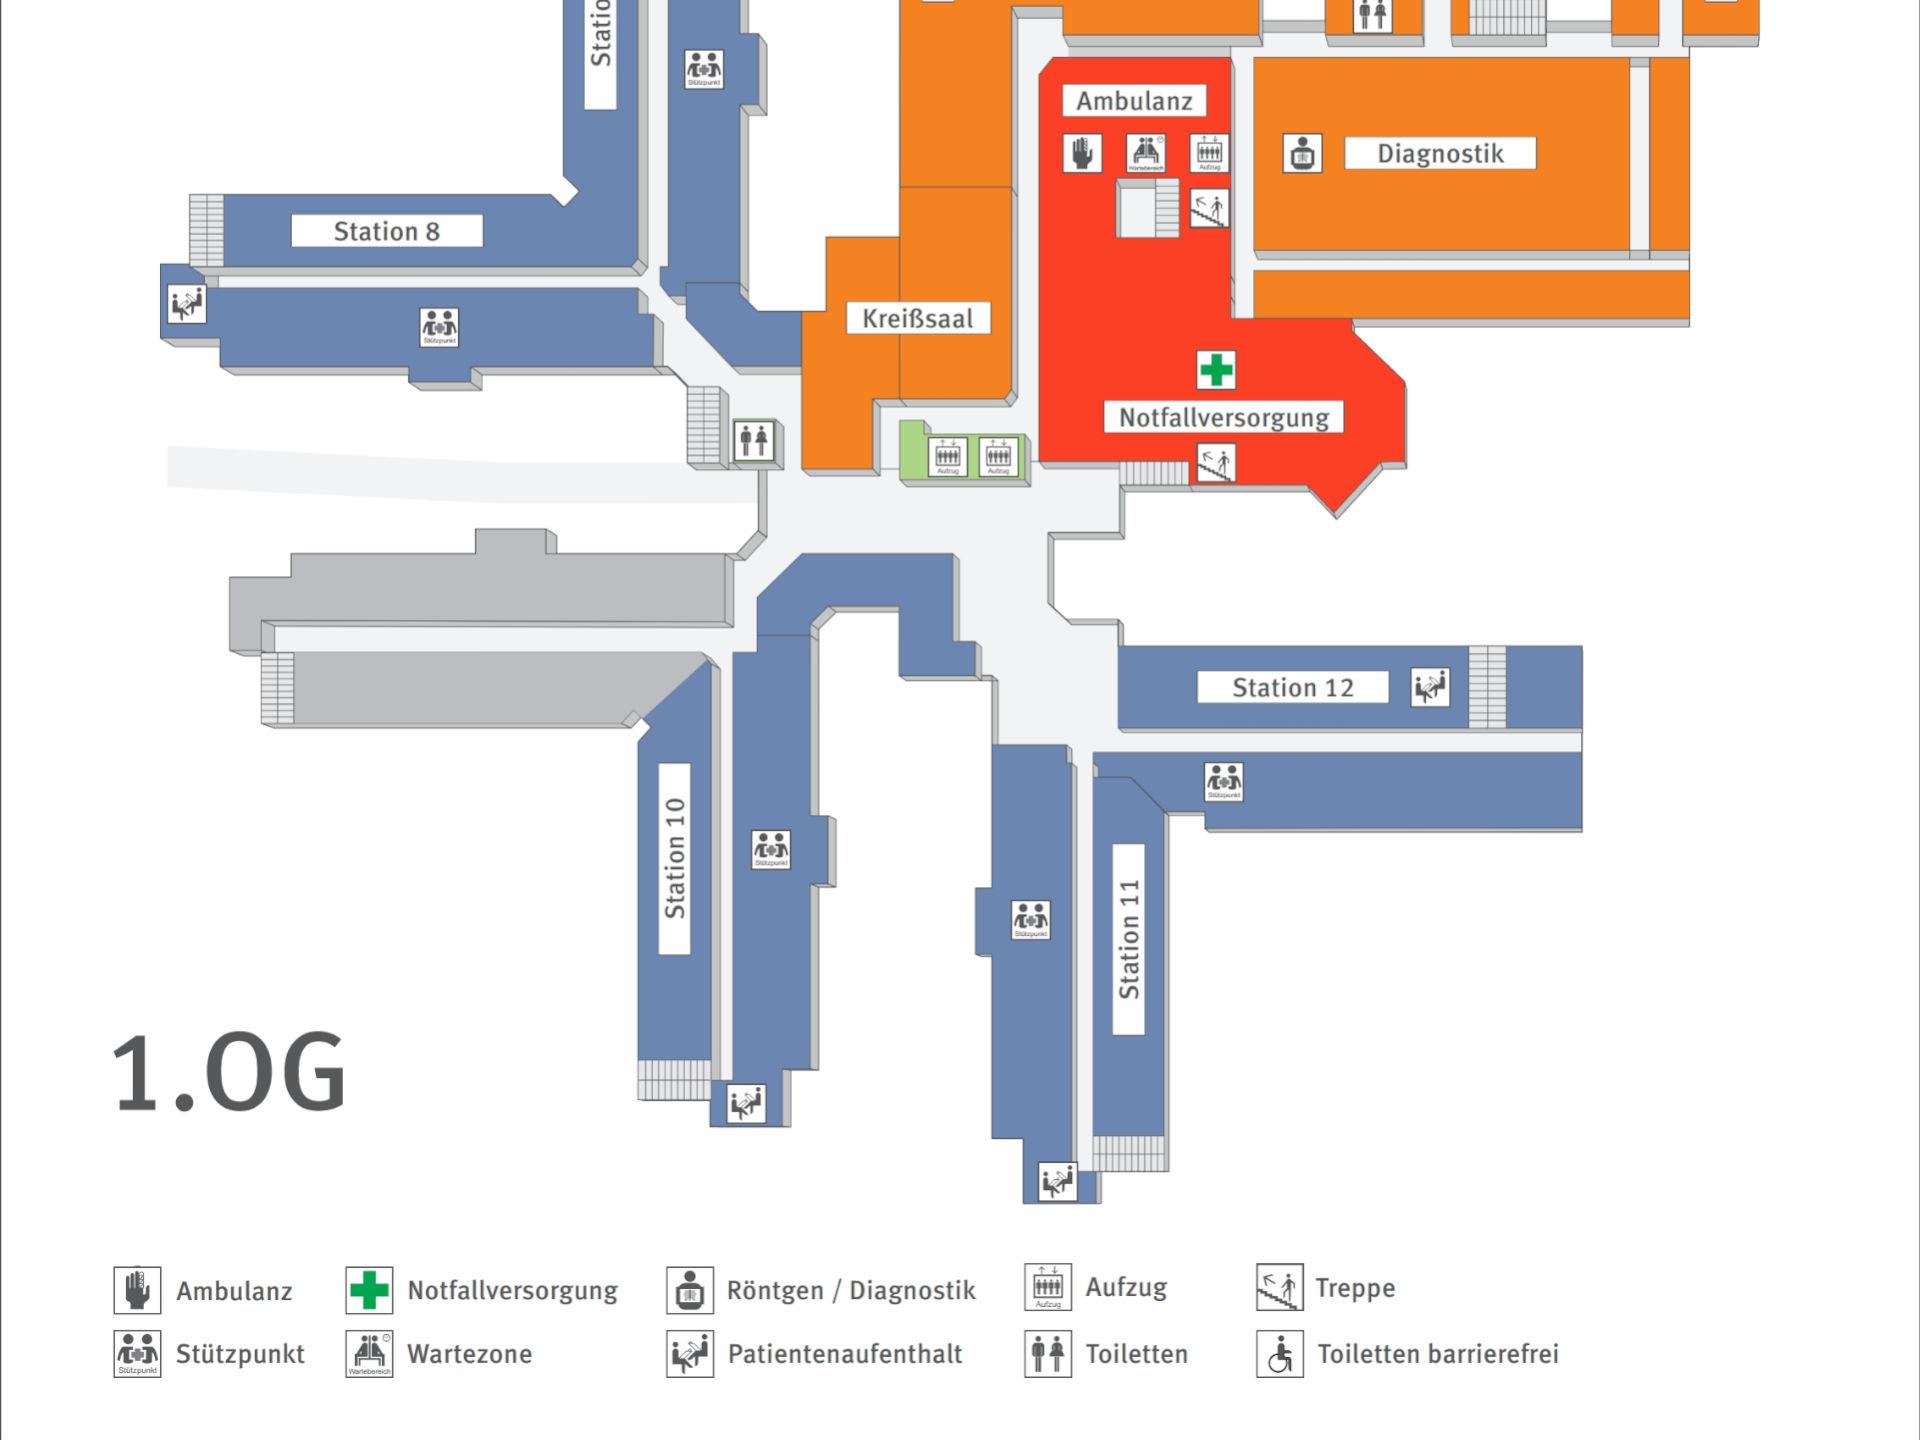 Beispielfoto 03 für die Planung von Wegeleitsystemen im Innen- und Außenbereich sowie in Städten. Foto: InForm, objektPlan: Planungsbüro für Verkehrsleitsysteme und Wegeleitsysteme.